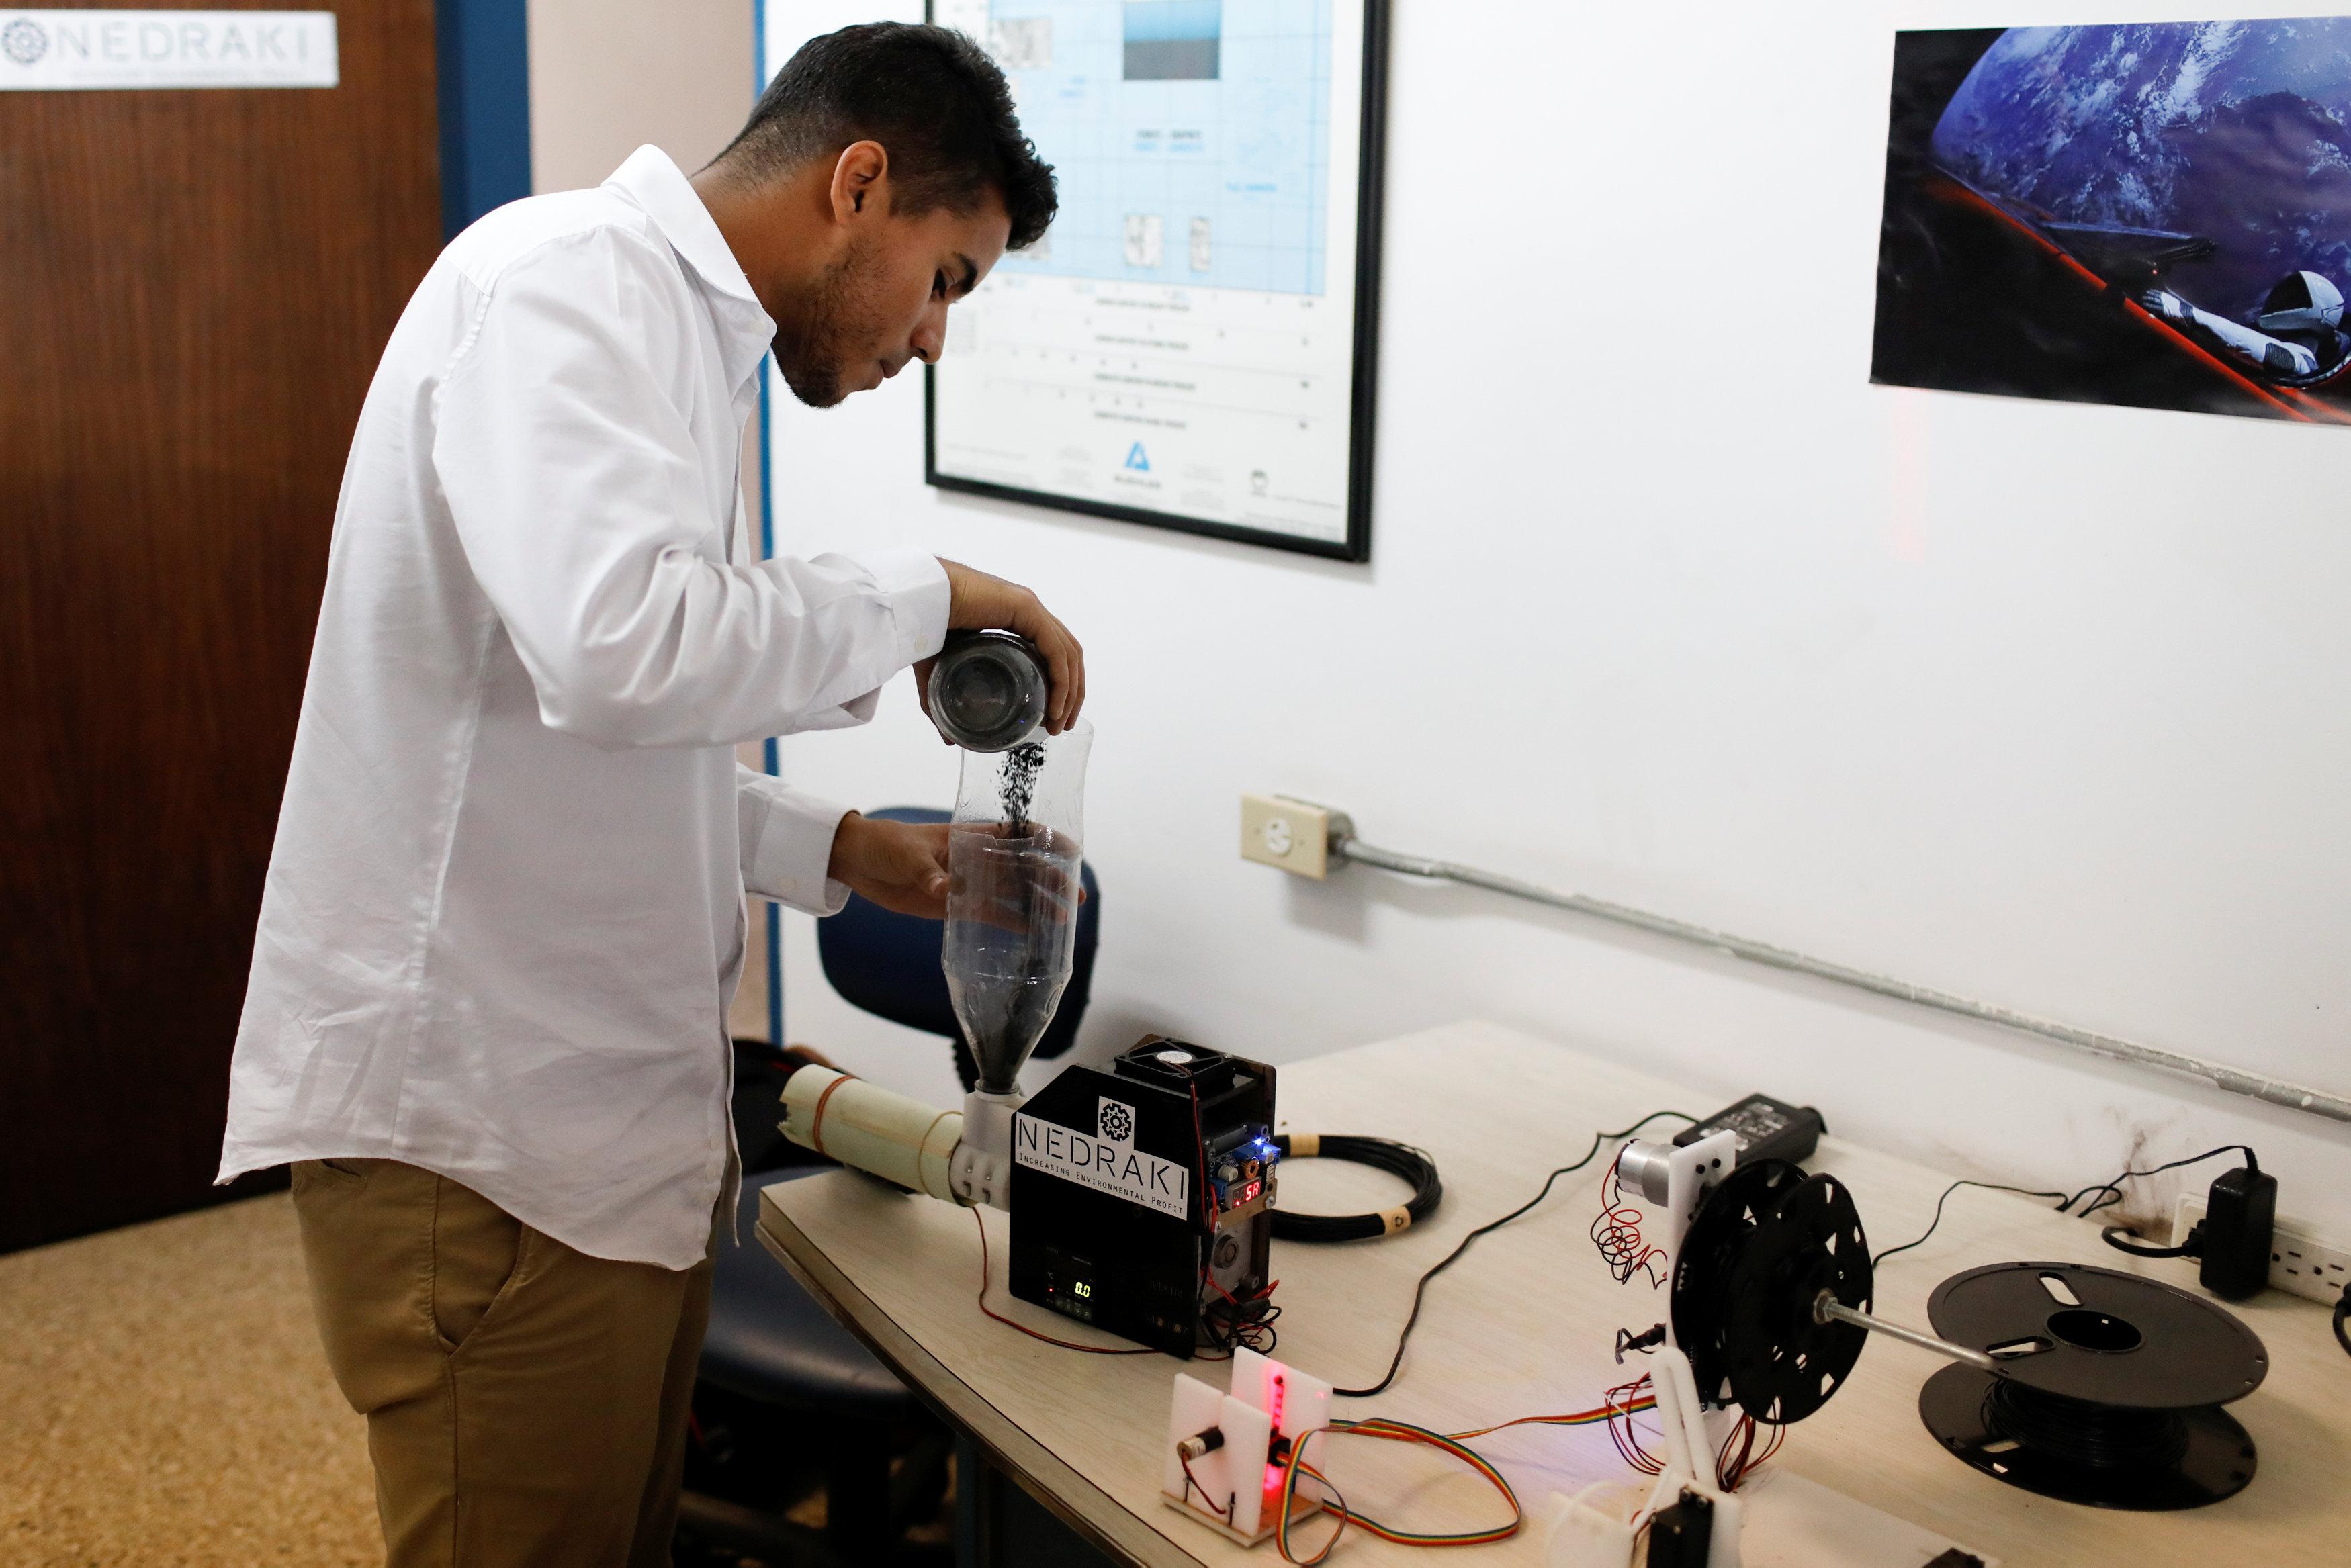 技術人員融化塑膠原料,準備用3D列印機來輸出。(路透)